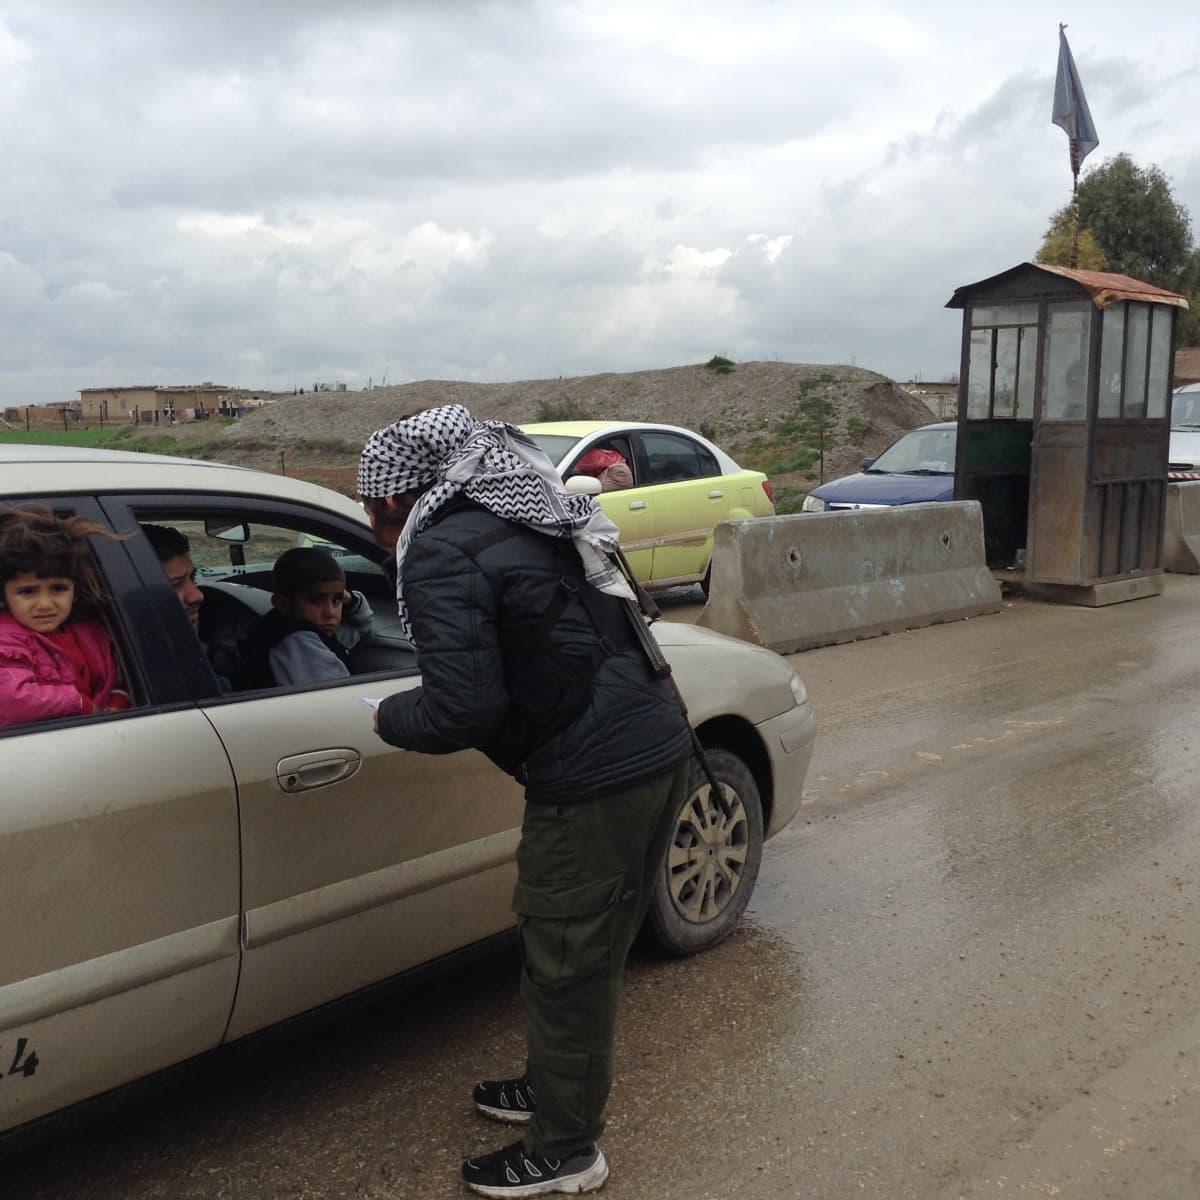 Derikin ulkpuolella turvallisuusjoukkoihion kuuluva nainen tarkistaa ajoneuvoja.